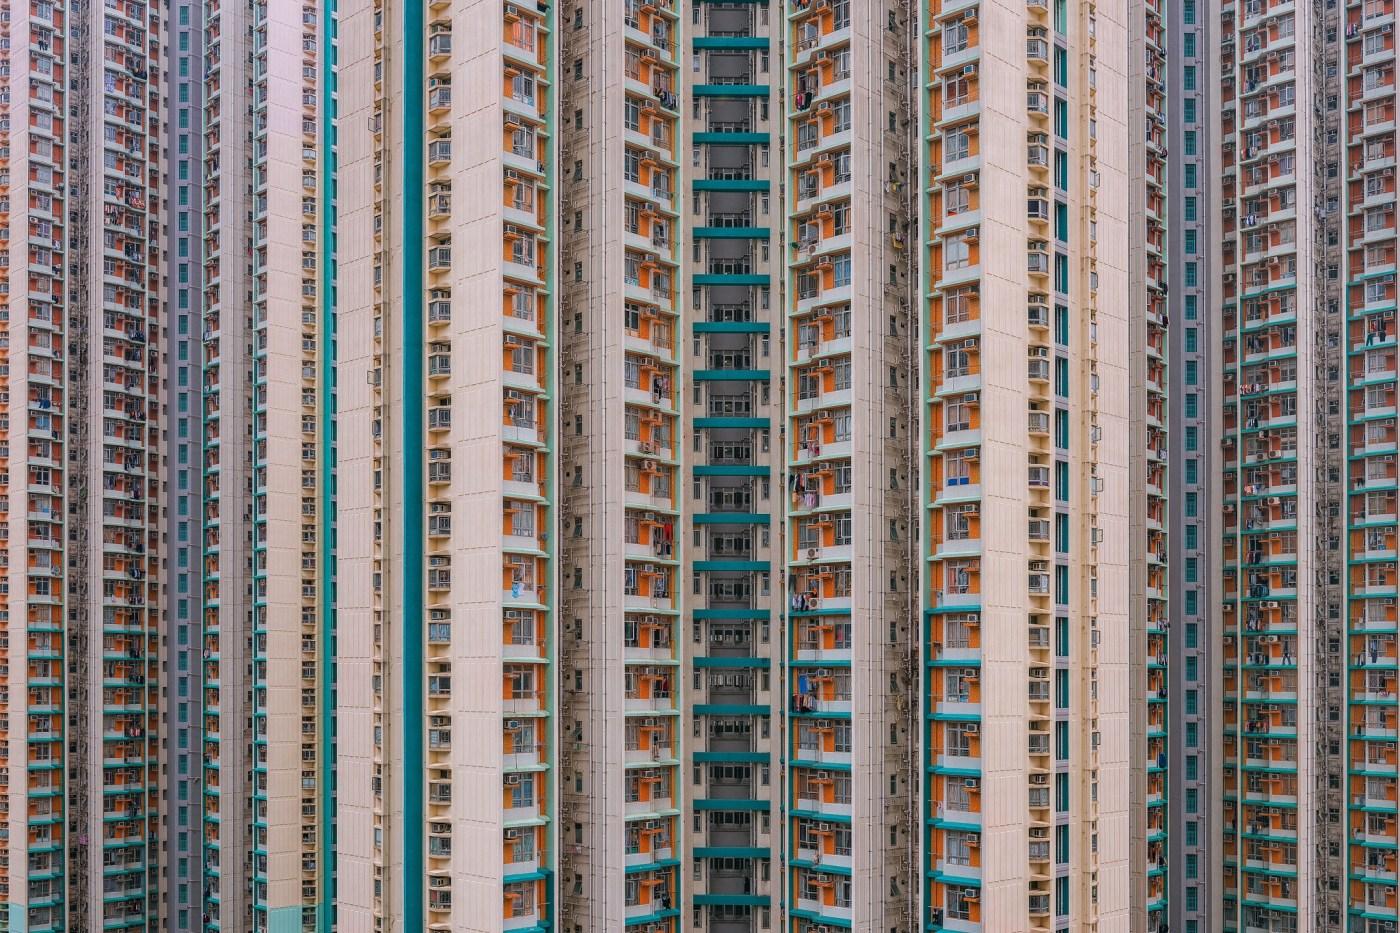 11 - Stacked Hong Kong